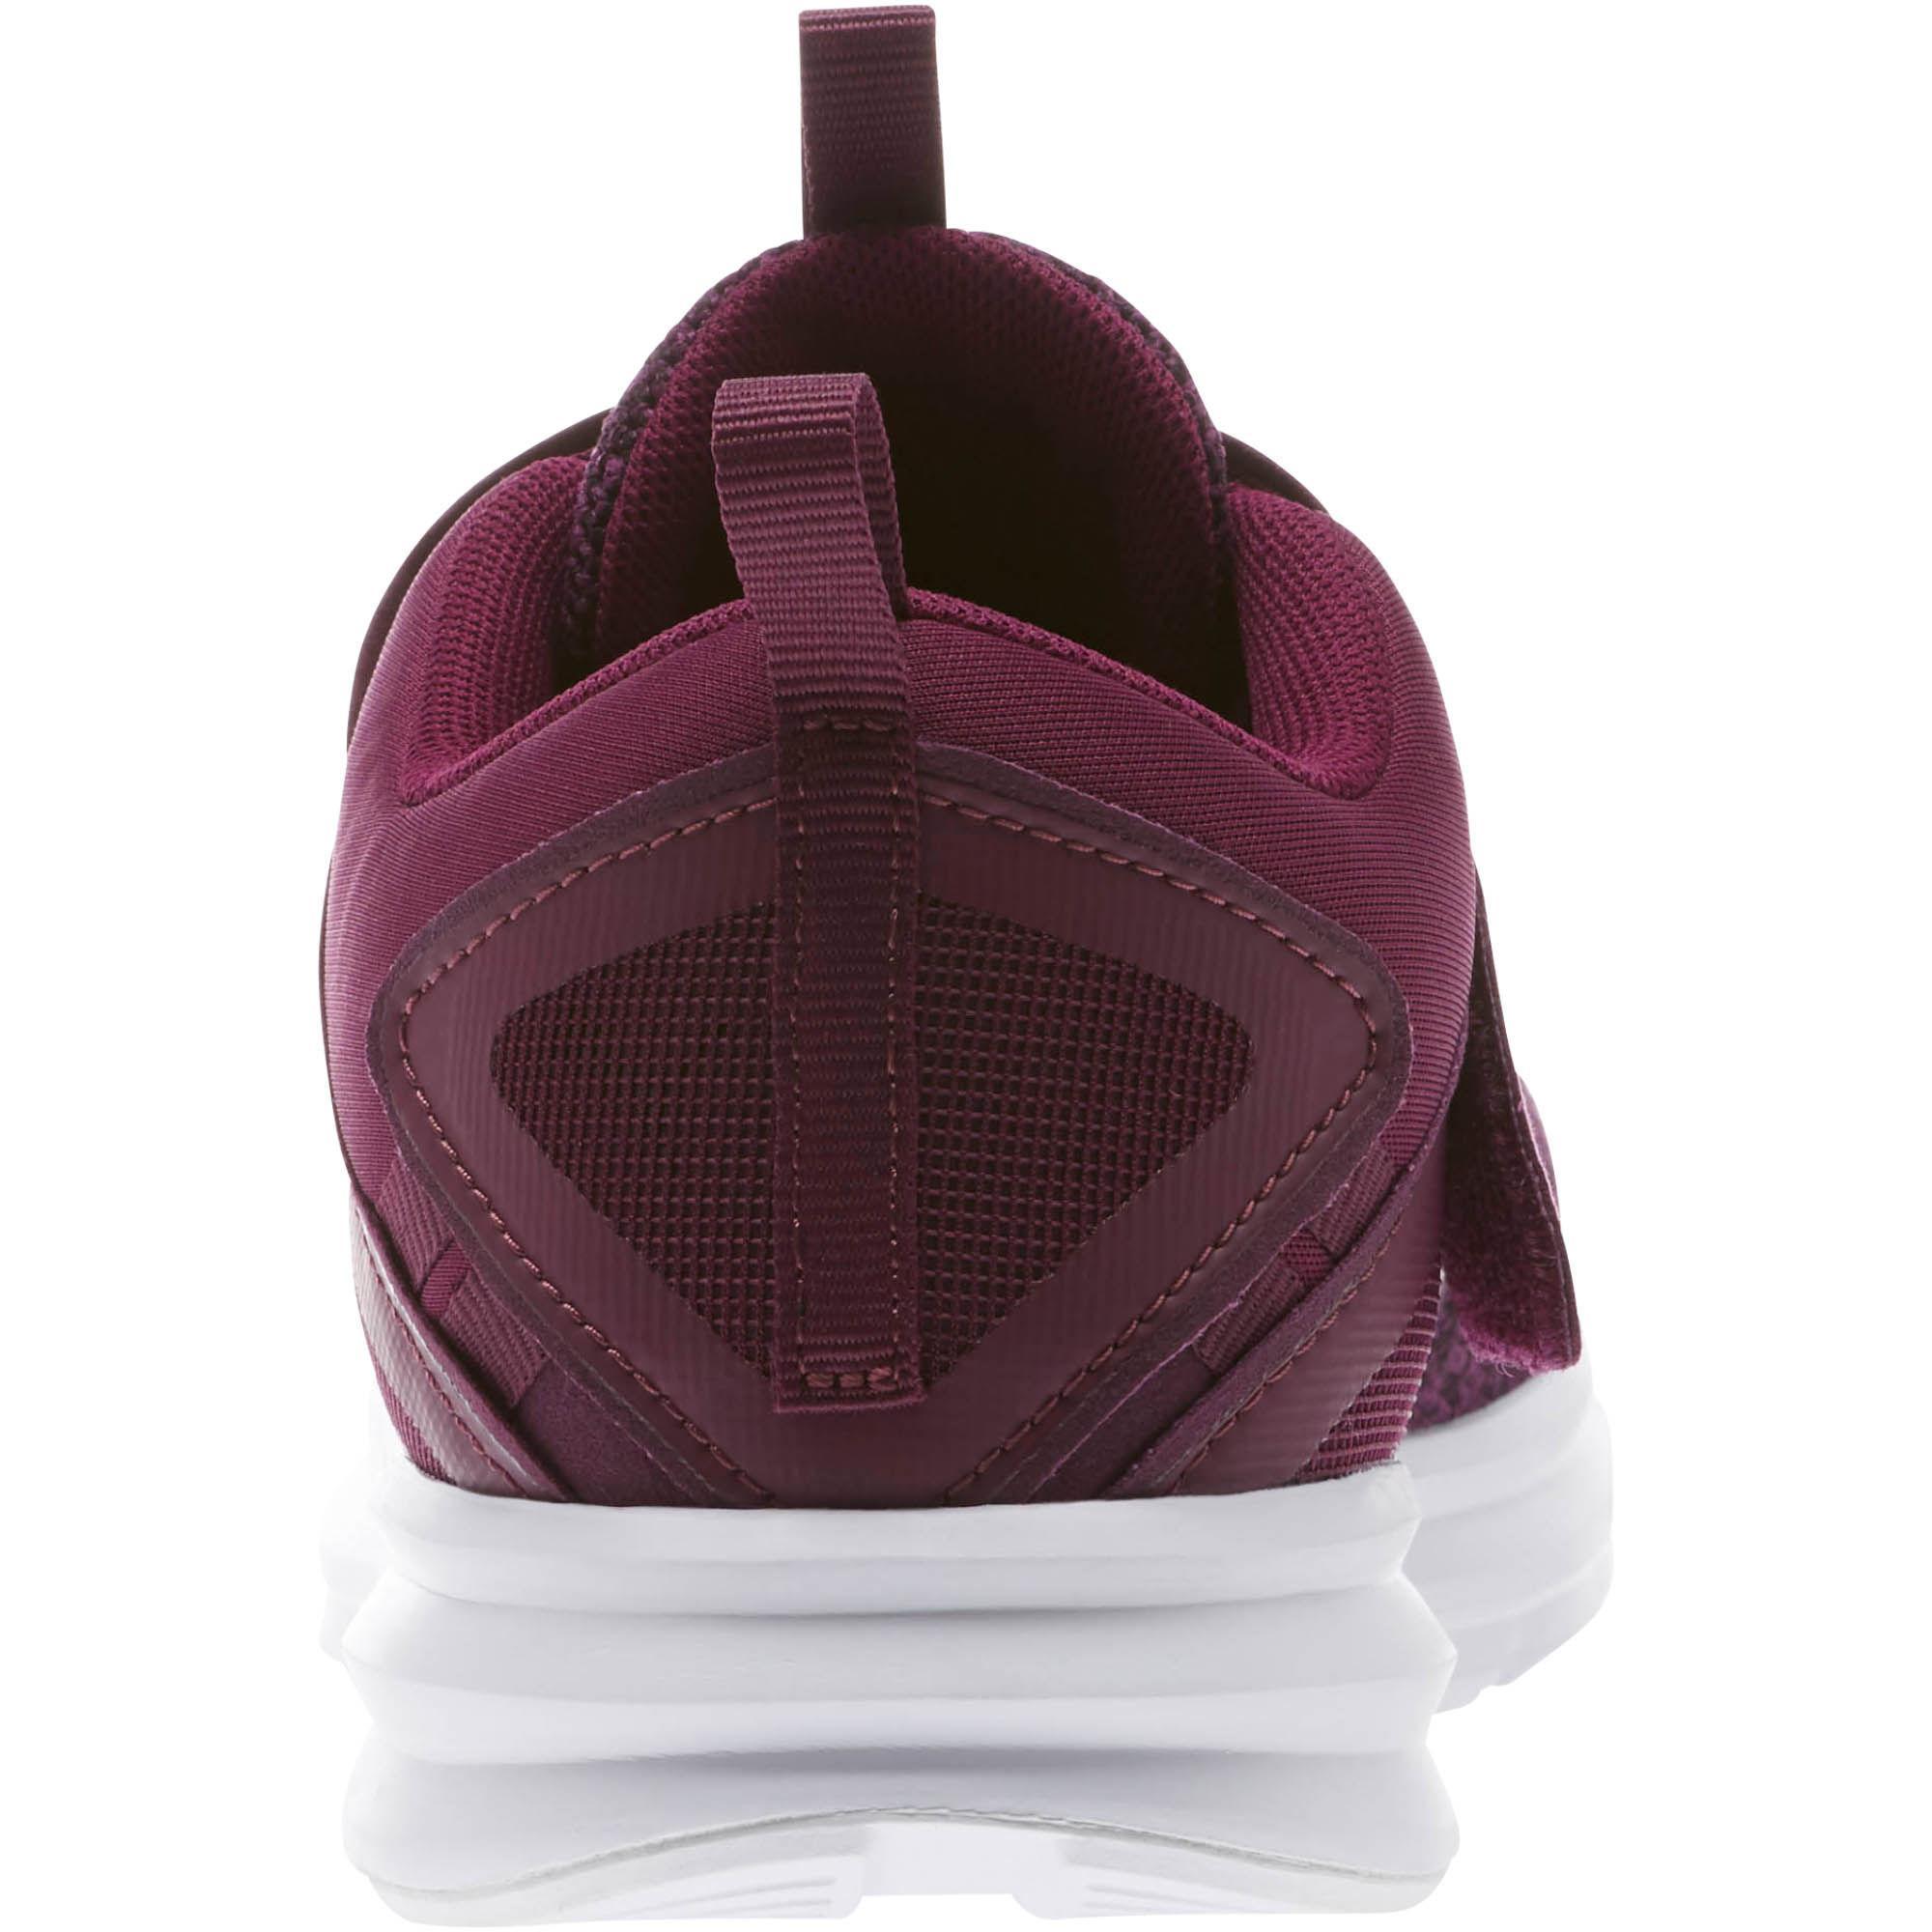 Lyst - PUMA Enzo Strap Knit Women s Running Shoes in Purple 650edbd3f